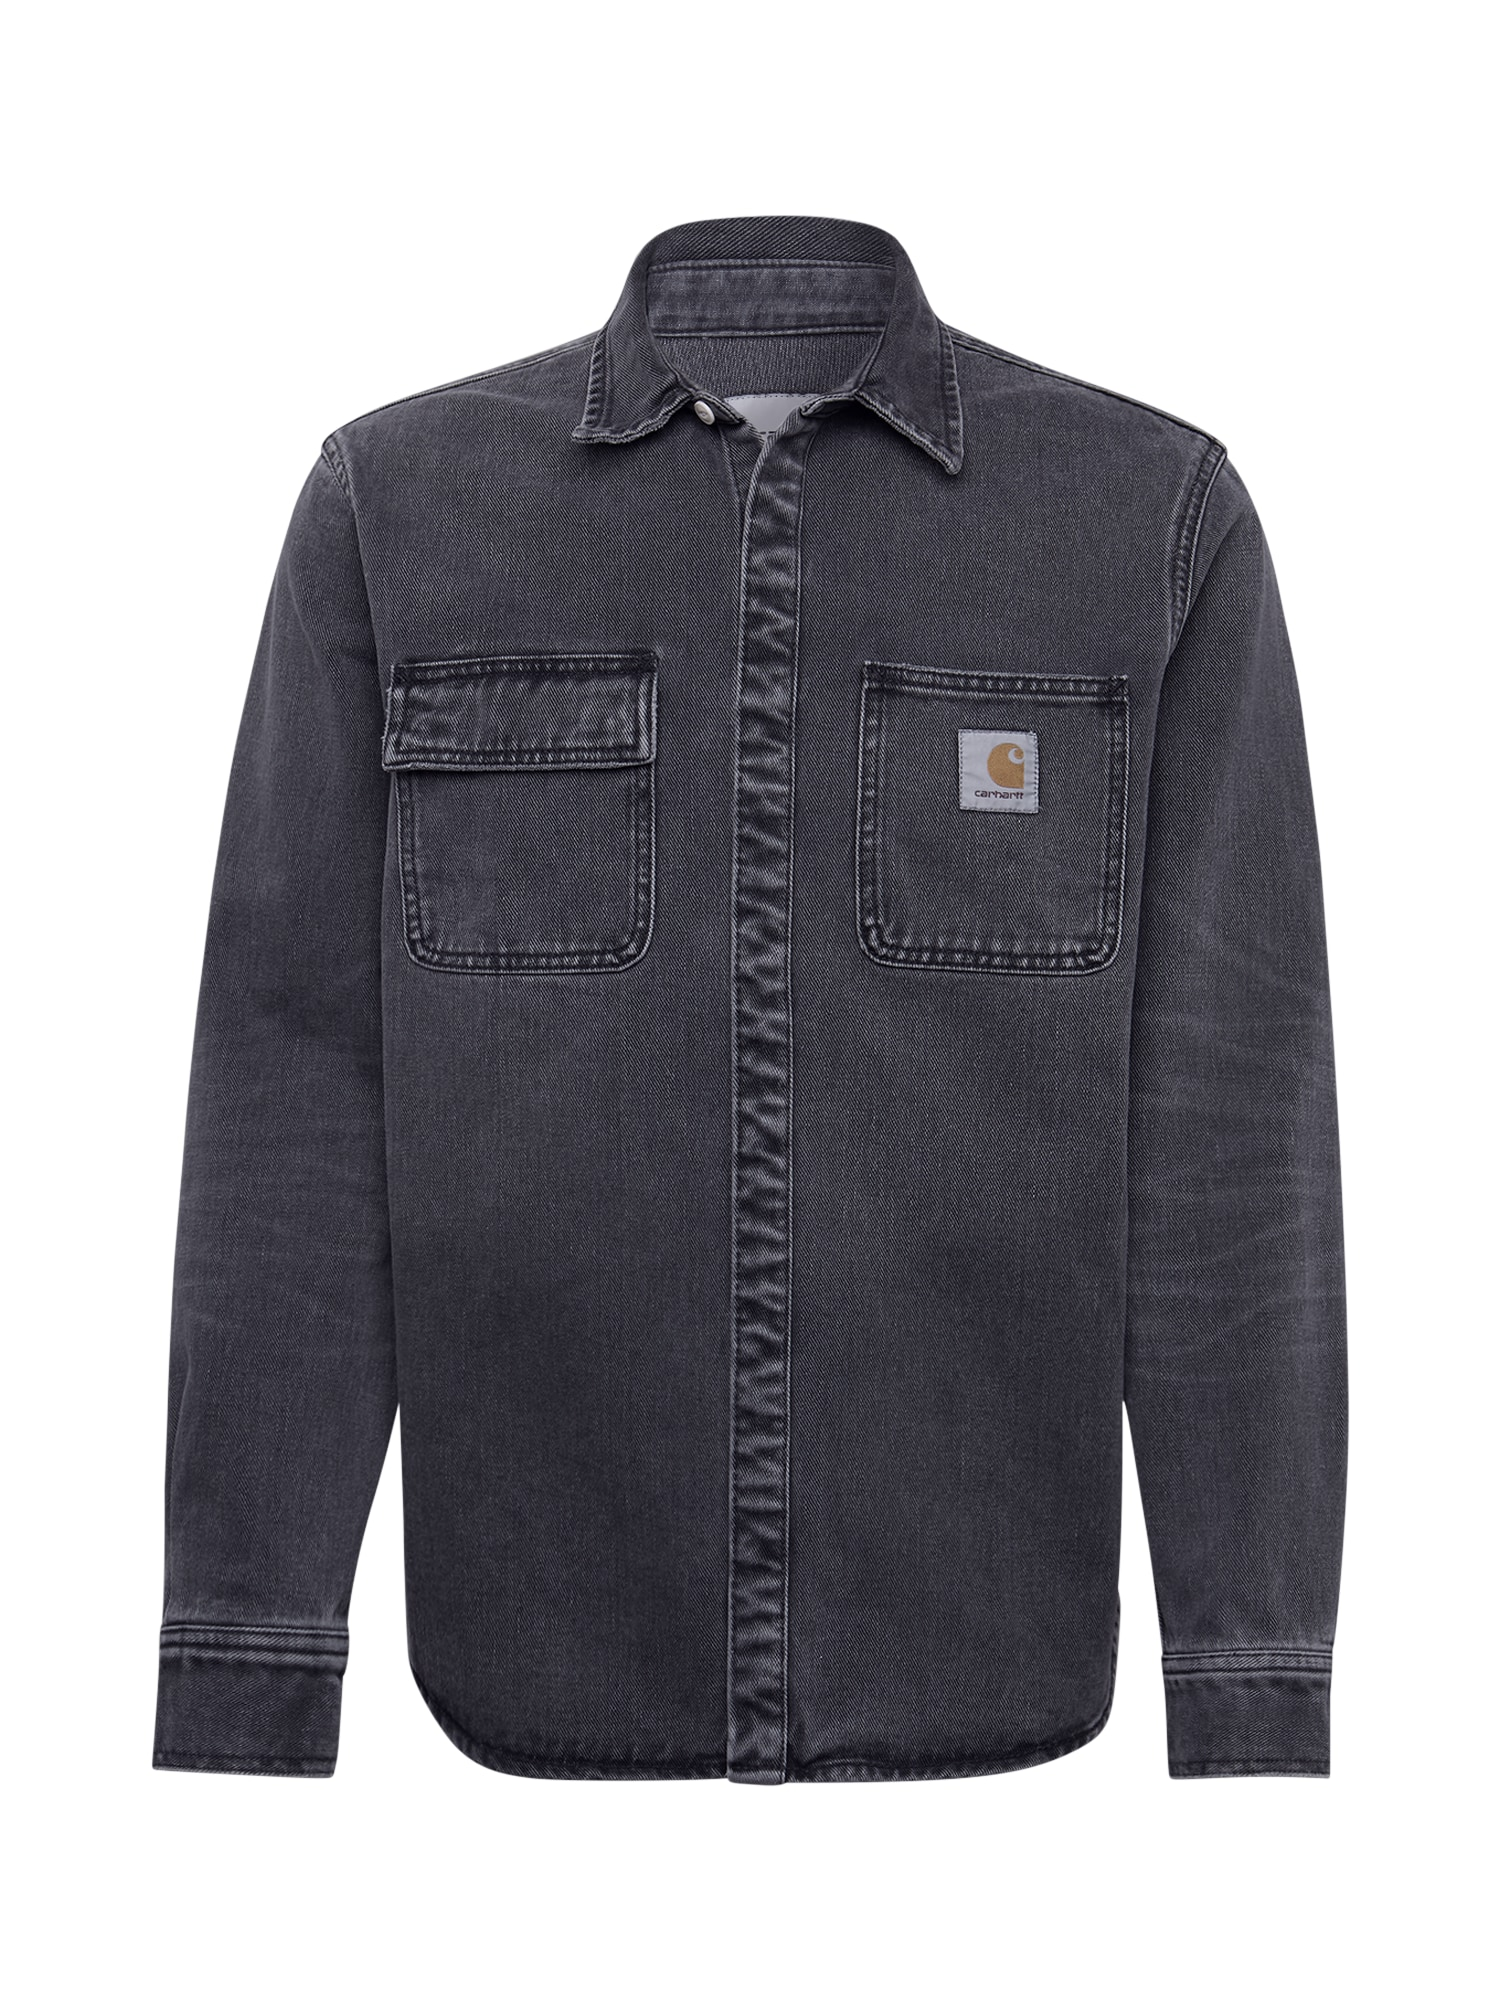 Carhartt WIP Dalykiniai marškiniai 'Salinac' pilka